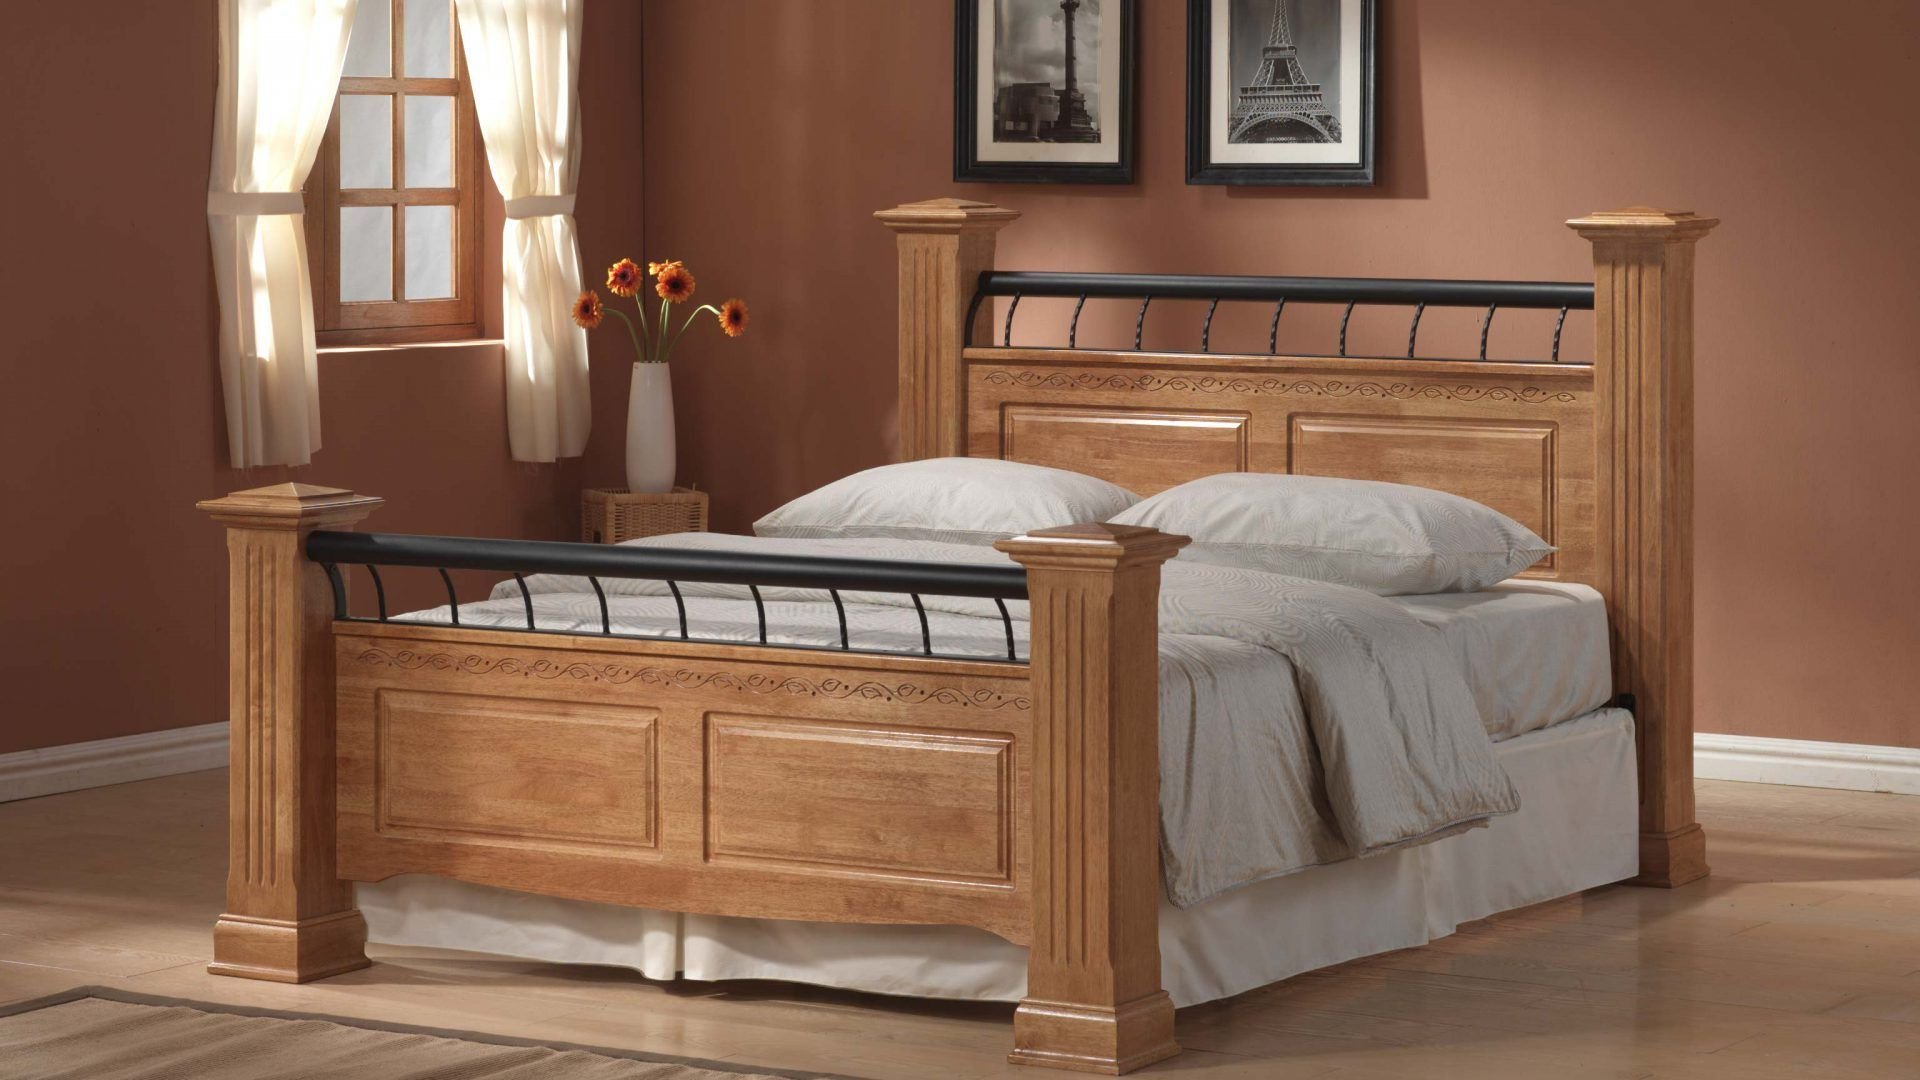 Wooden Bed Design Wooden Bed Design 2019 Wooden Bed Design Ideas Wooden Bed Design Ideas In 2019 Woode Luxury Wooden Bed Oak Bed Frame Wooden King Size Bed